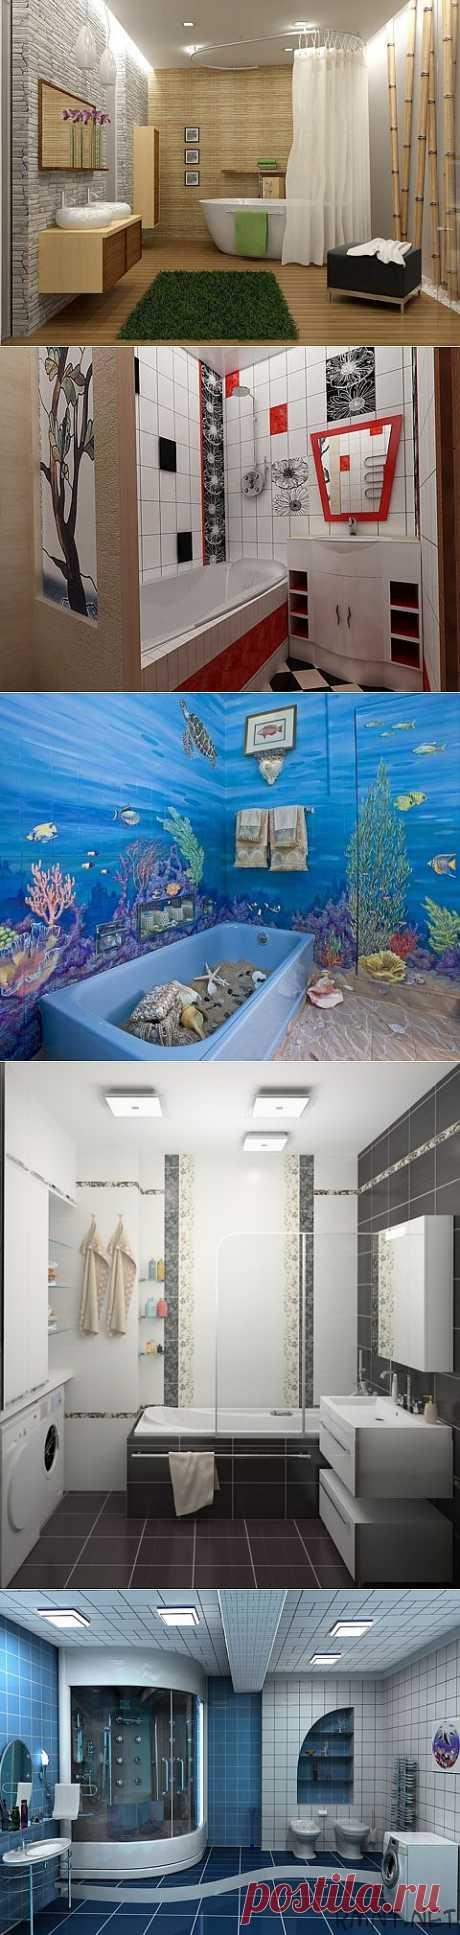 Идеи дизайна ванной комнаты с примерами сантехники..